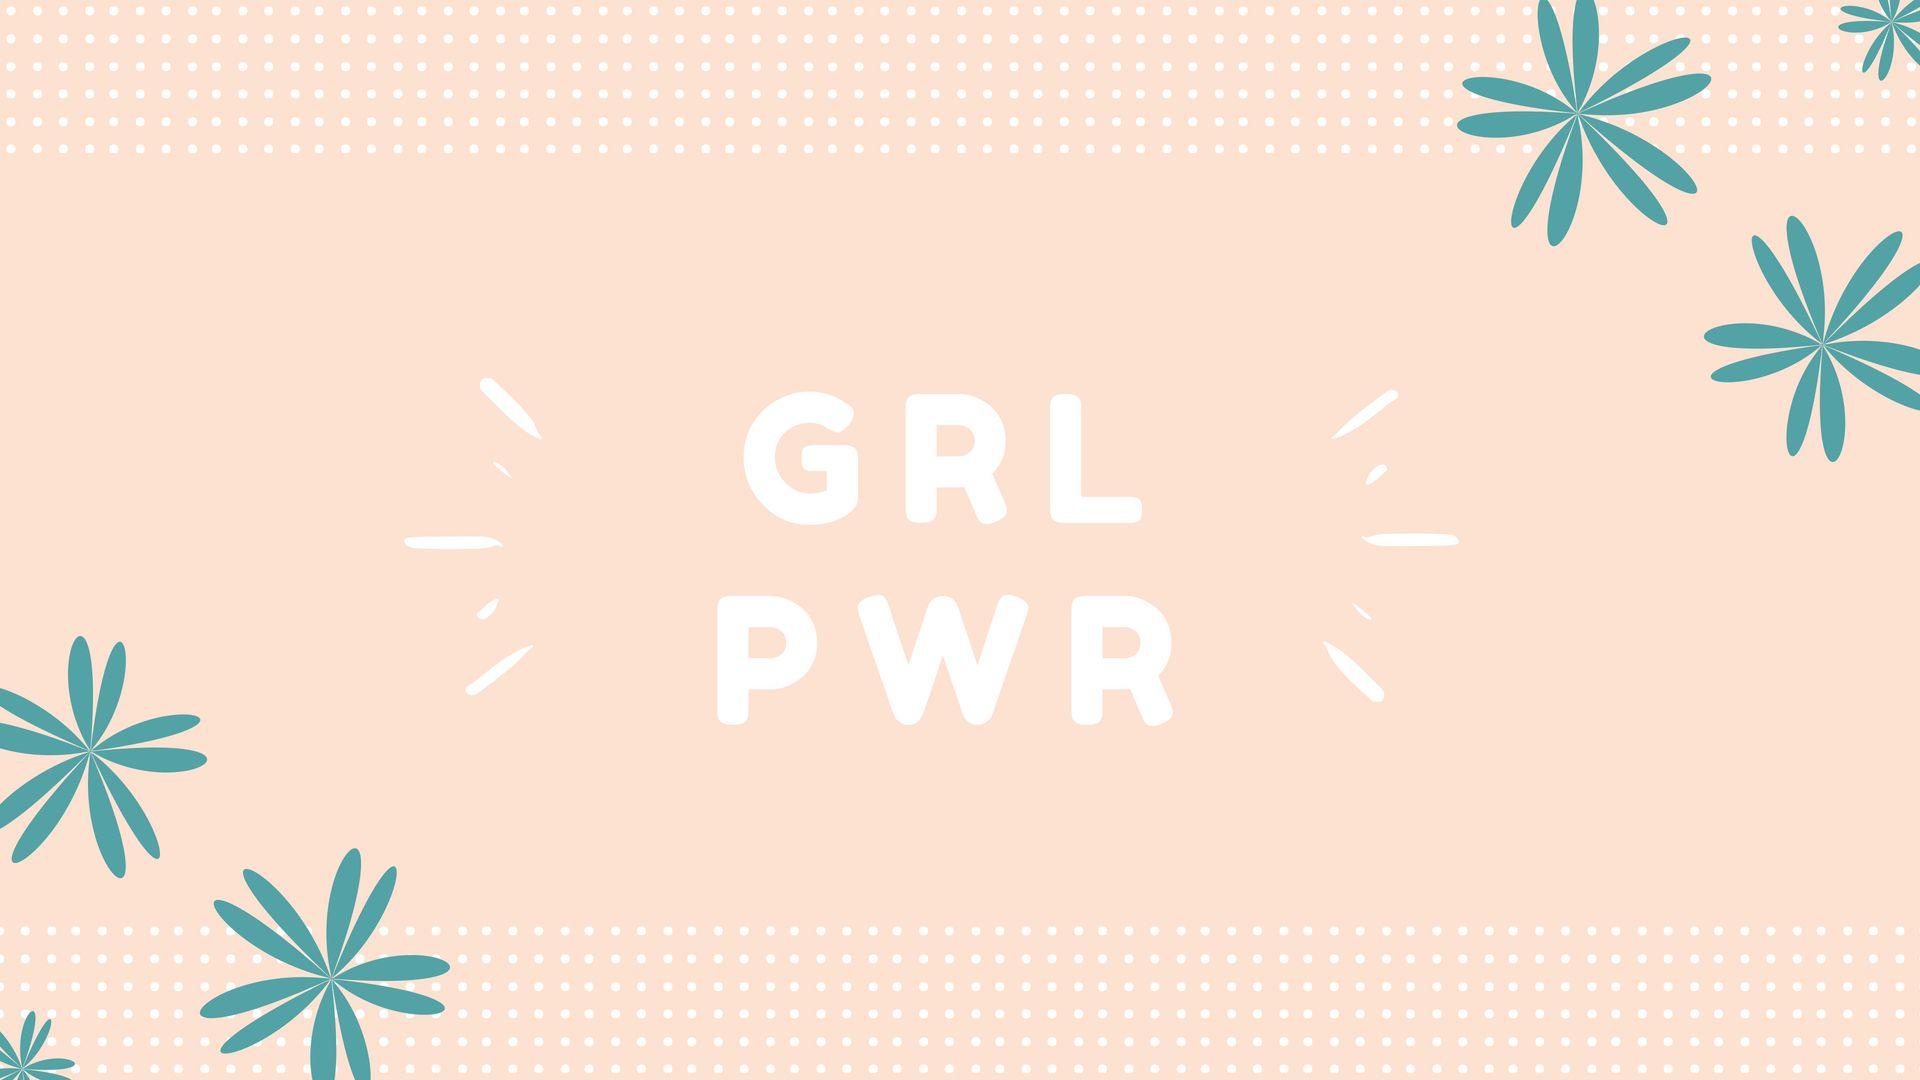 Grl Pwr Girl Power Pc Desktop Wallpaper Feminist Papel De Parede Do Notebook Plano De Fundo Pc Fundos Para Pc